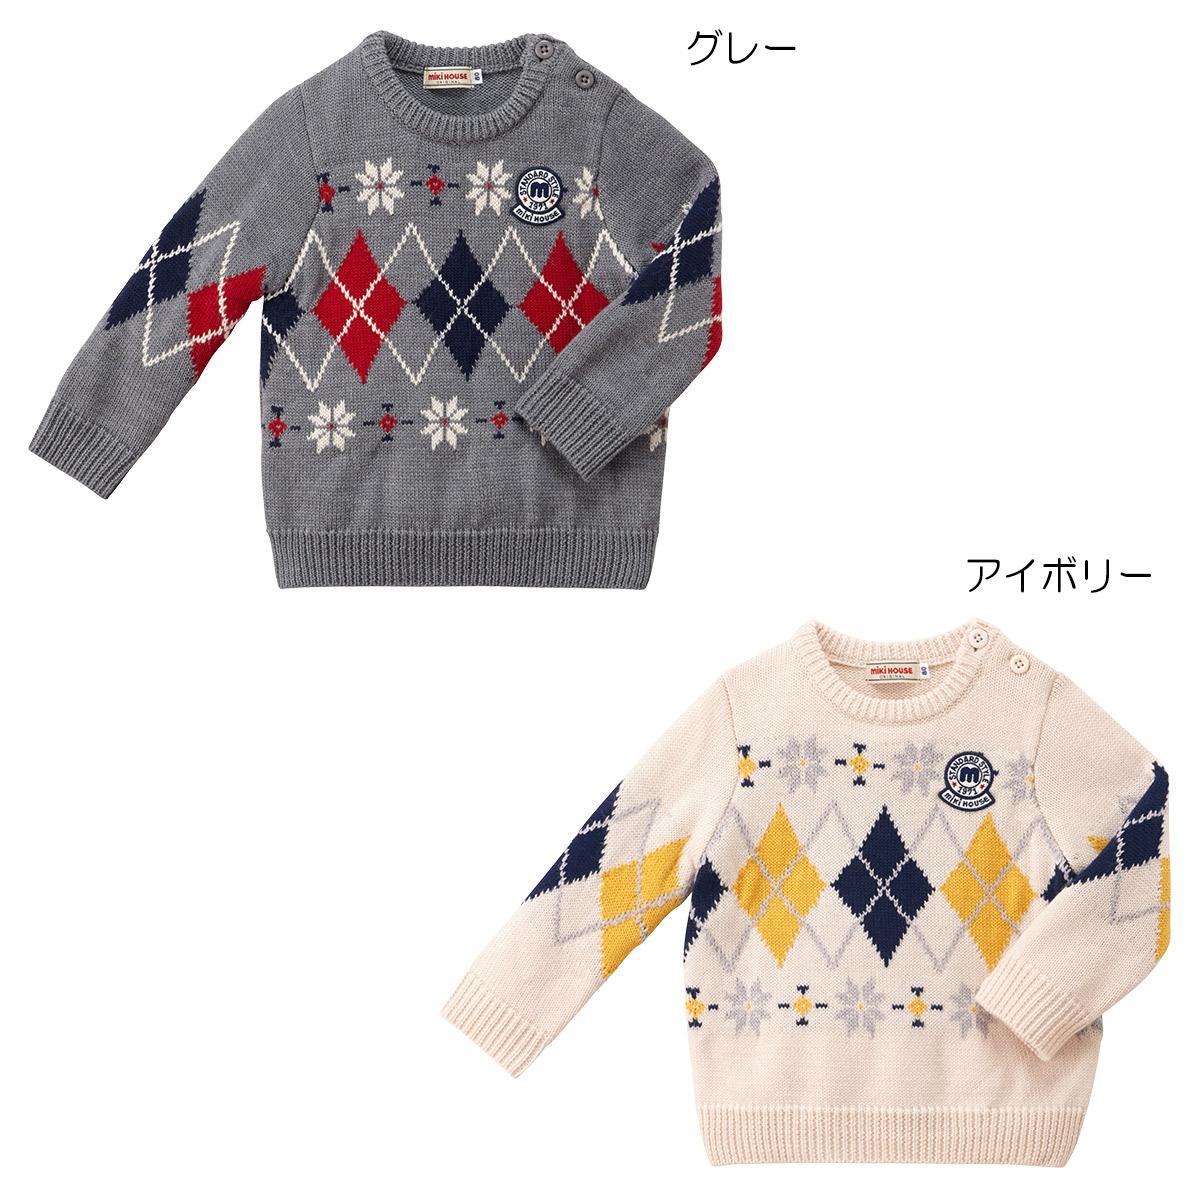 新着商品 ミキハウス アーガイルセーター ¥14,300~